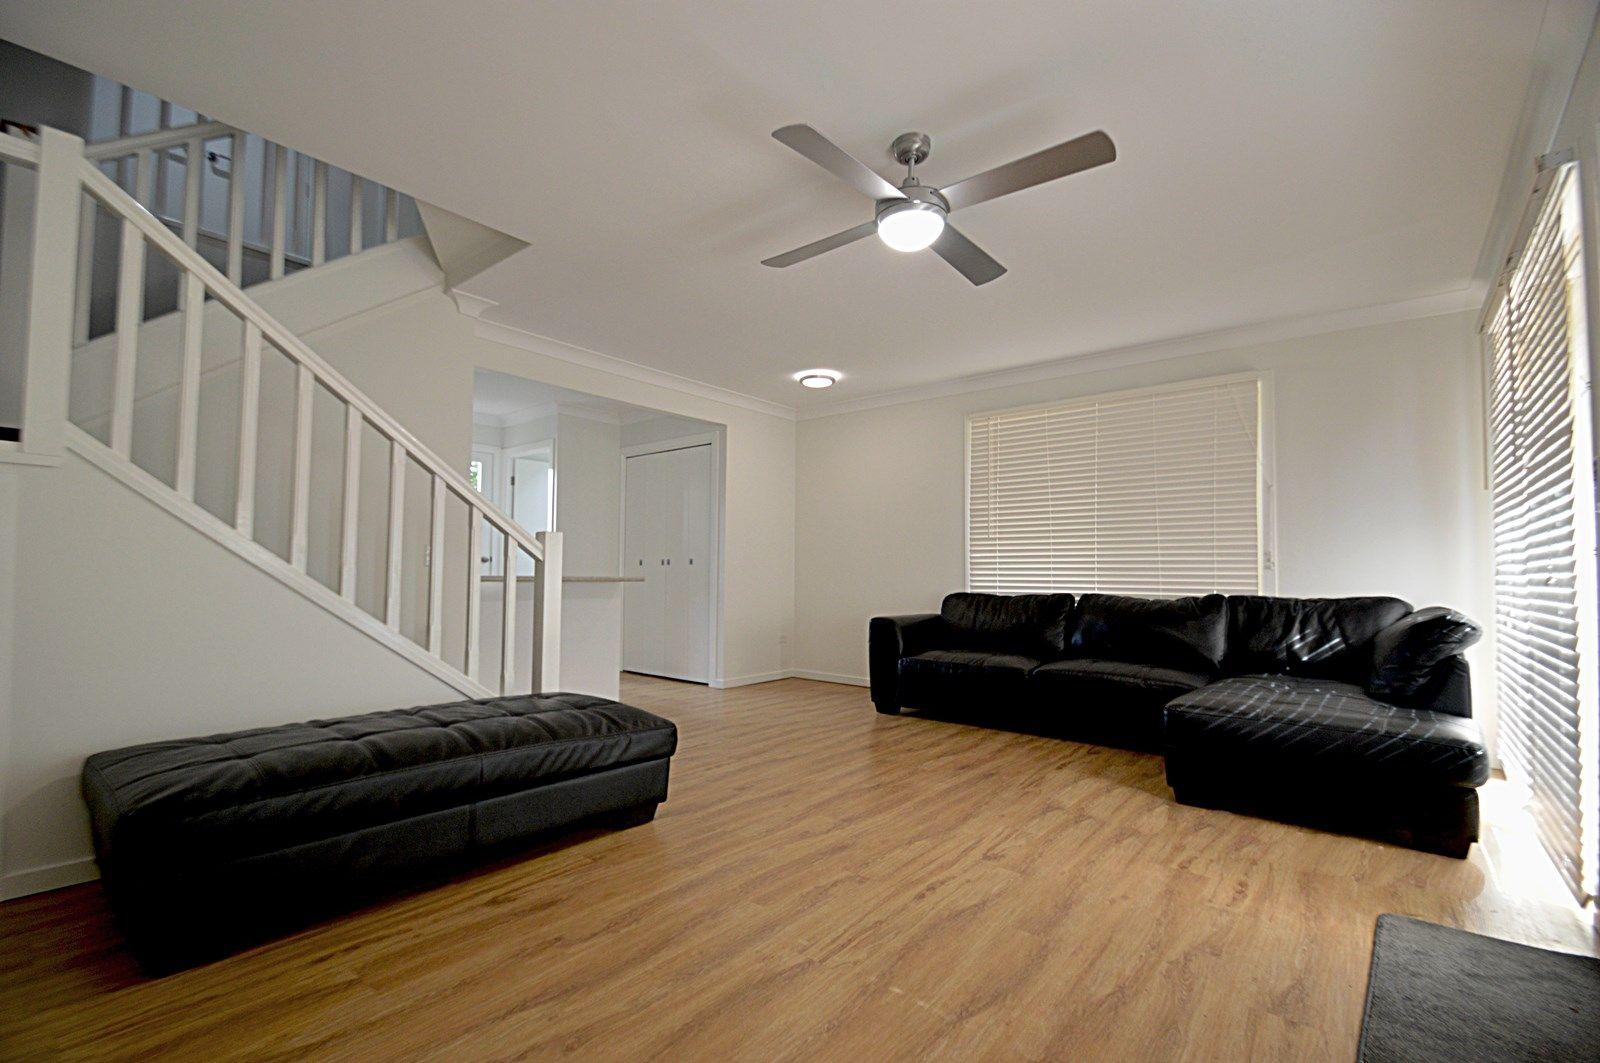 23/49 Maranda Street, Shailer Park QLD 4128, Image 1